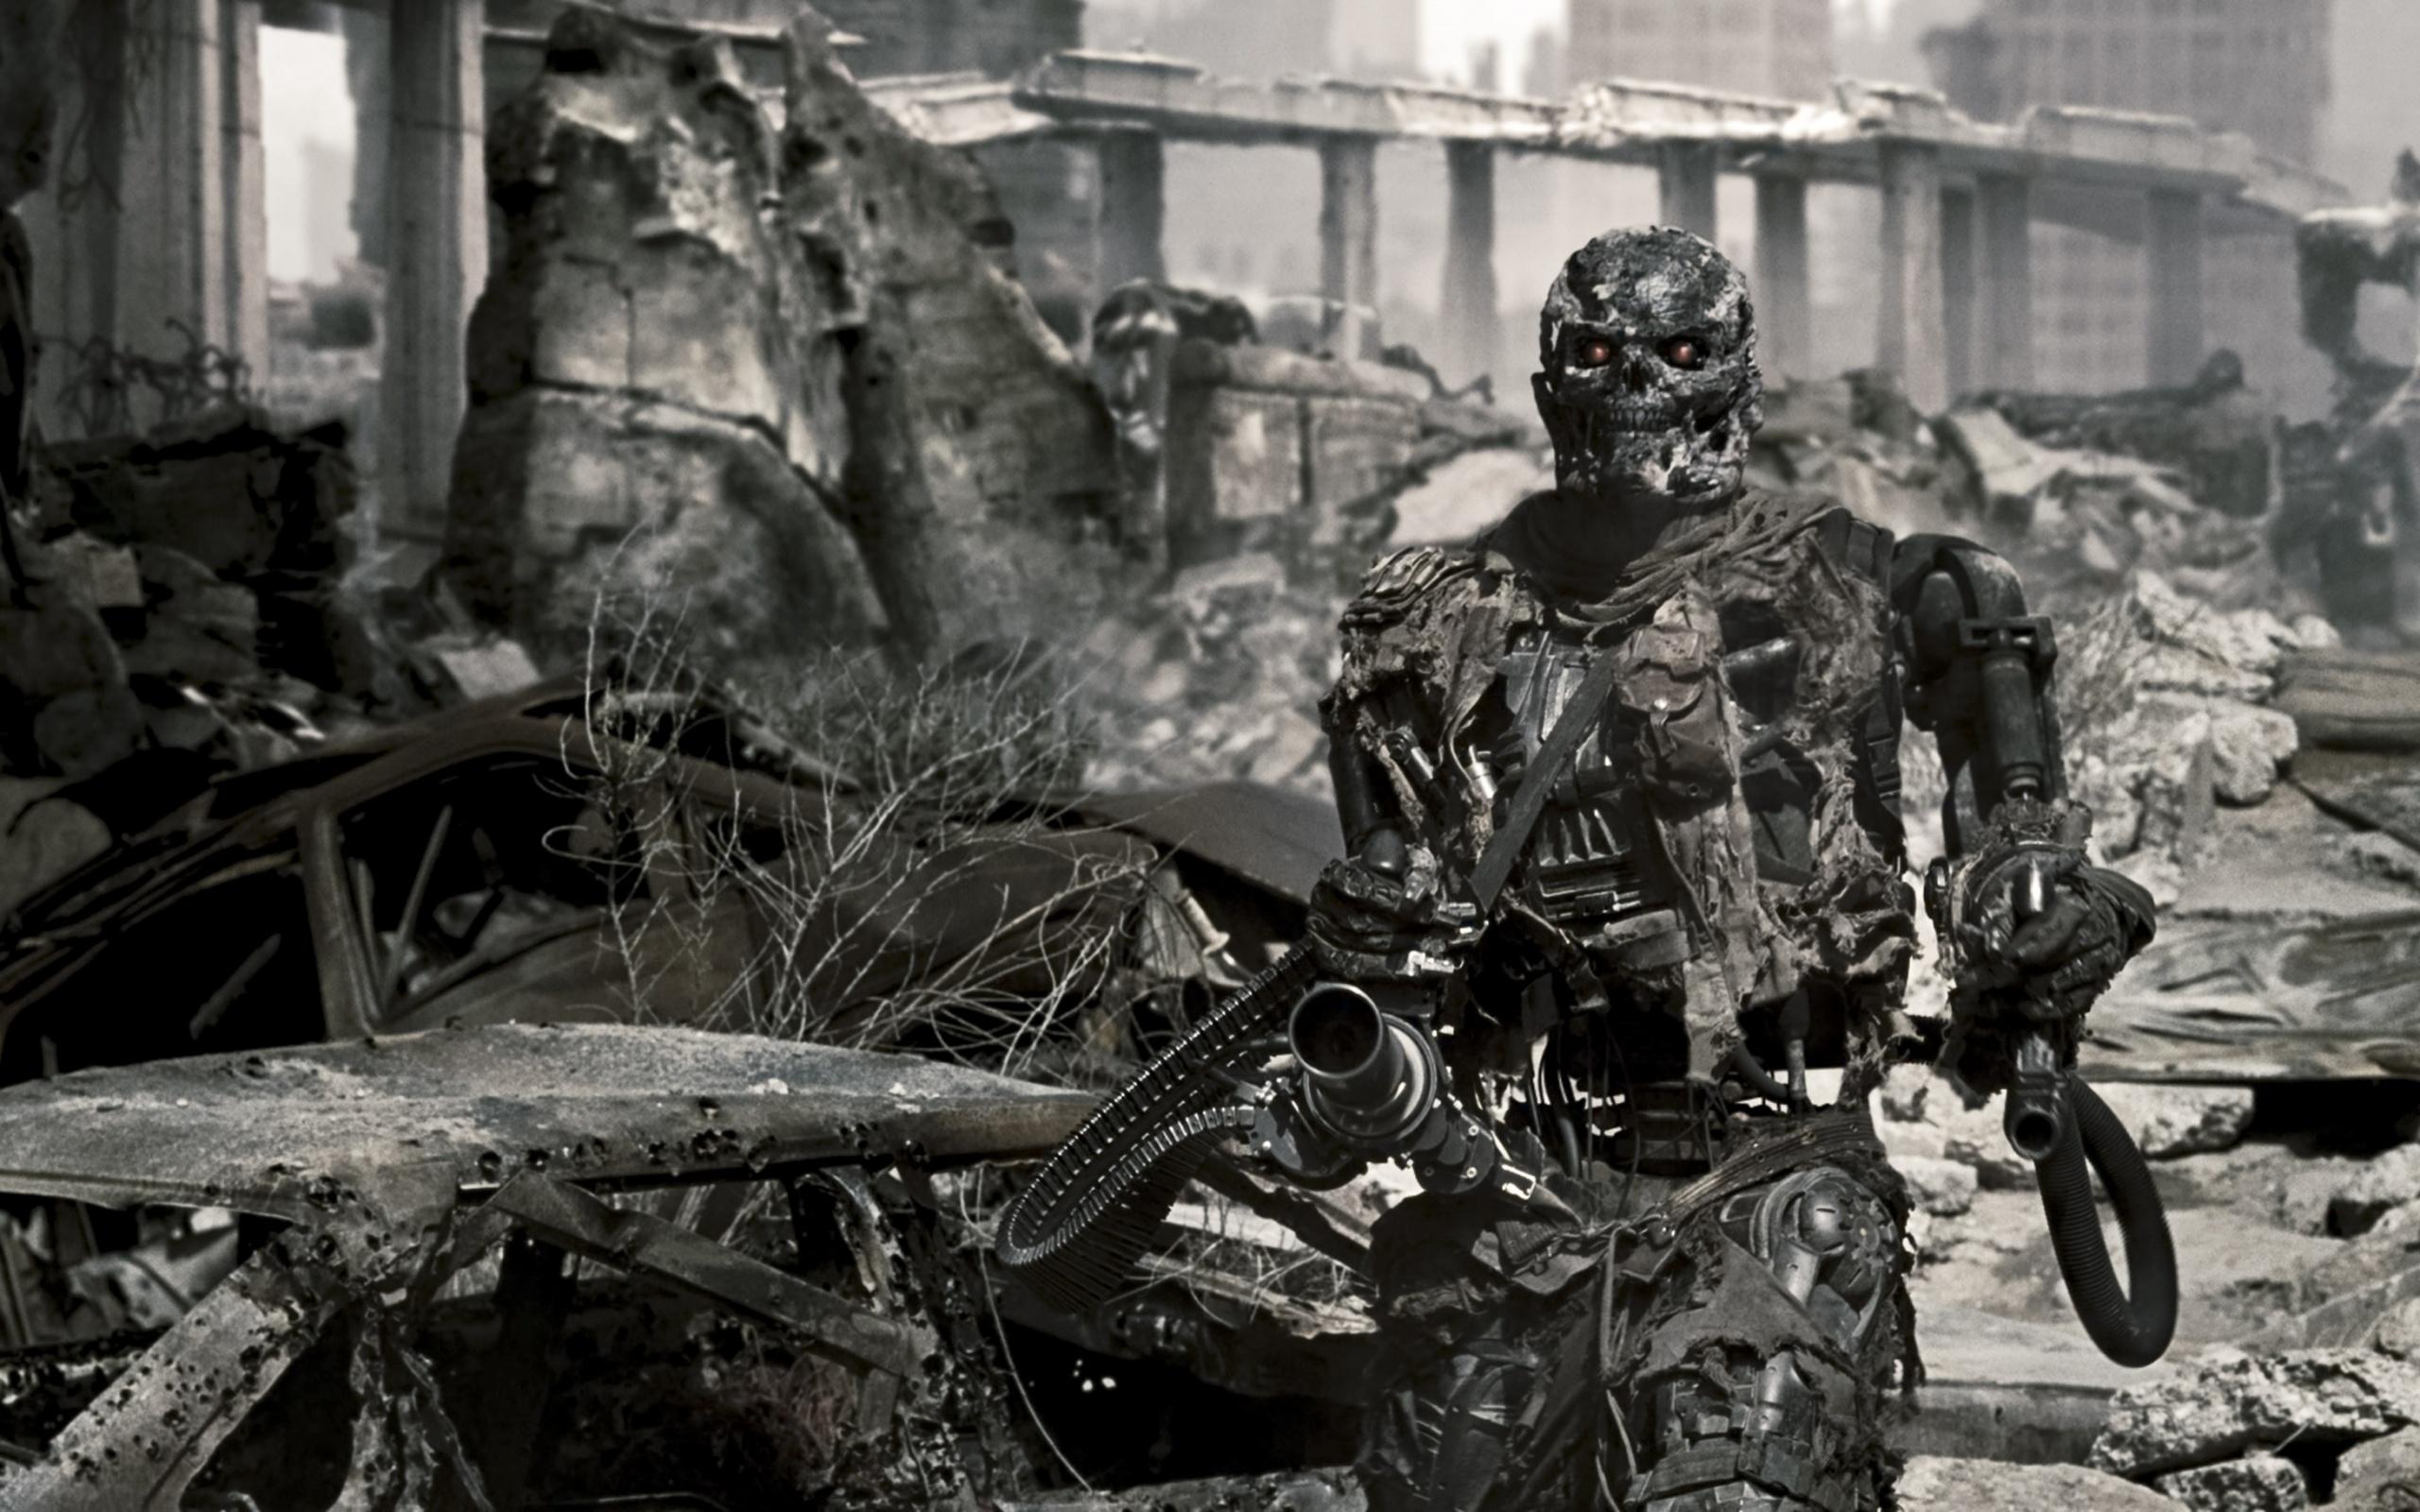 Terminator-4